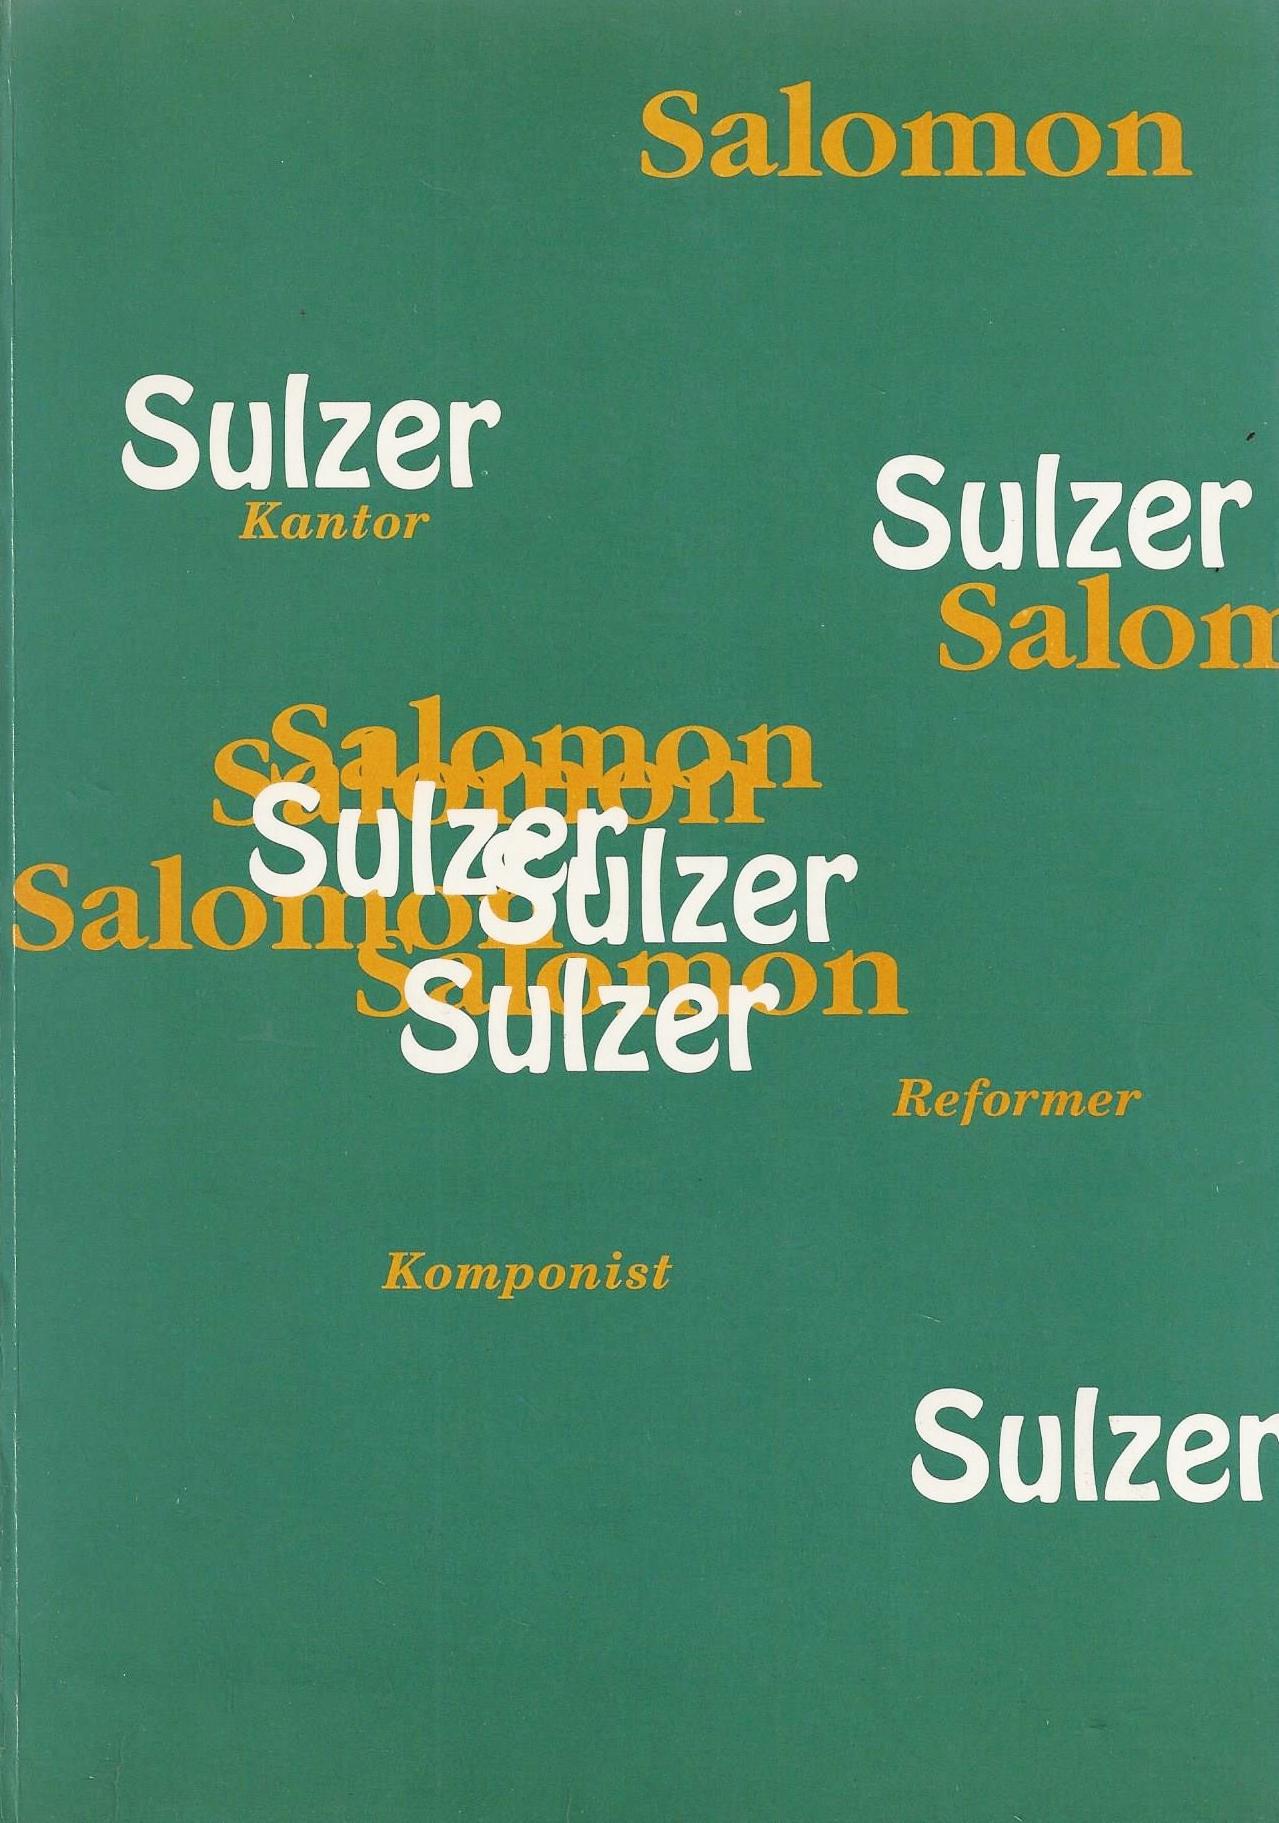 SALOMON SULZER - KANTOR, KOMPONIST, REFORMER : Purin, Bernhard; Jüdisches